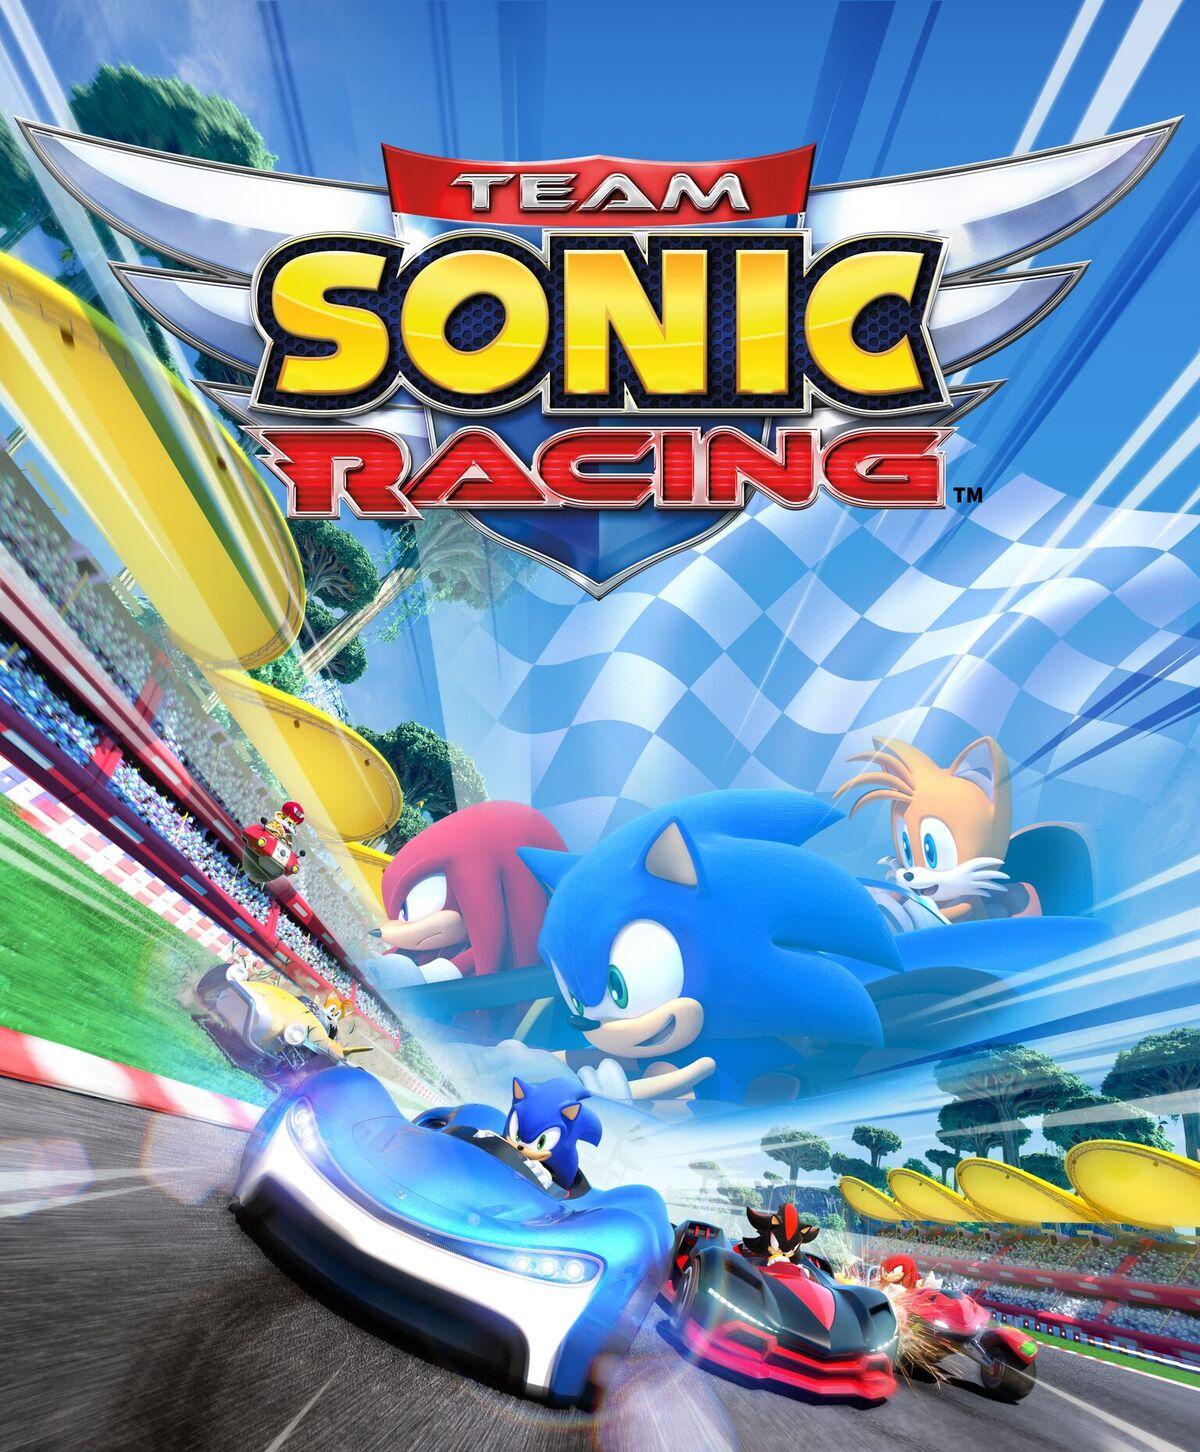 لذت سرعت با تیزپای آبی   نقدها و نمرات بازی Team Sonic Racing